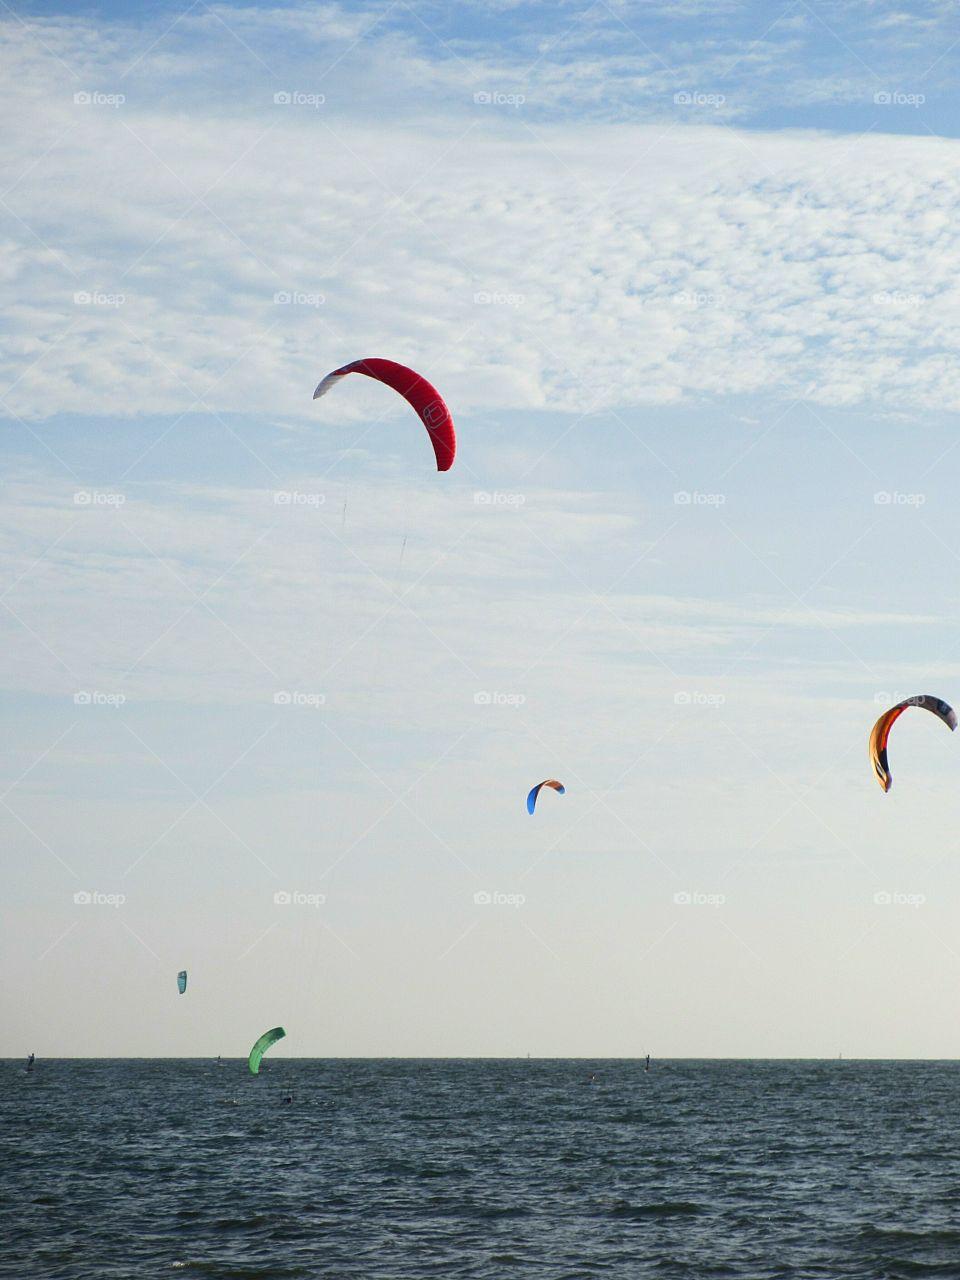 Kites urging on Tampa Bay, Florida